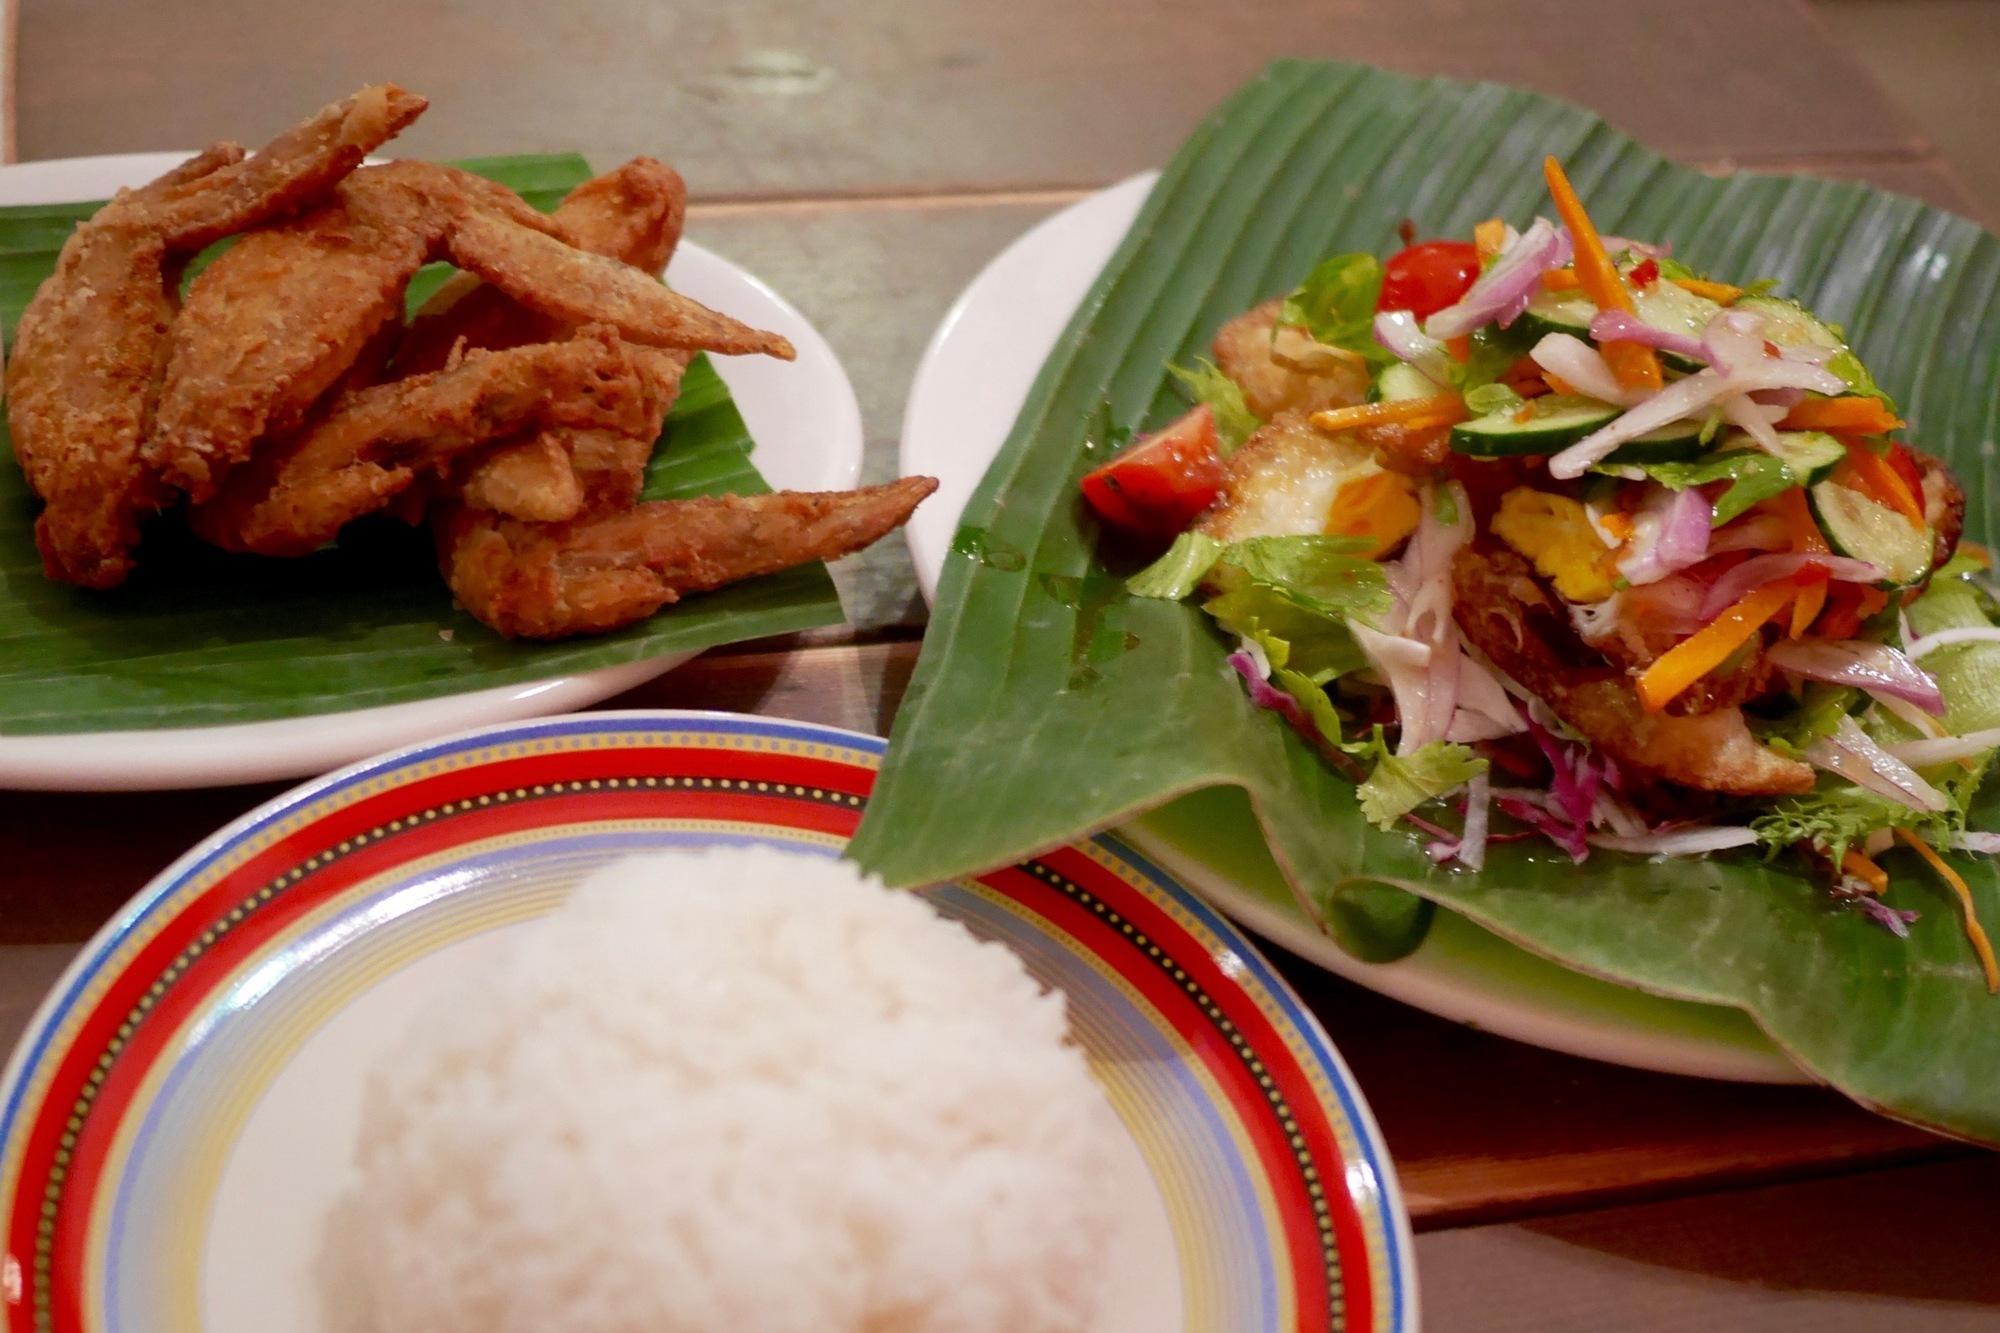 【京都のタイ料理屋】京阪出町柳駅近く「タイキッチン クルーン」で食べた『ヤムカイダーウ』と『ピックガイトート』